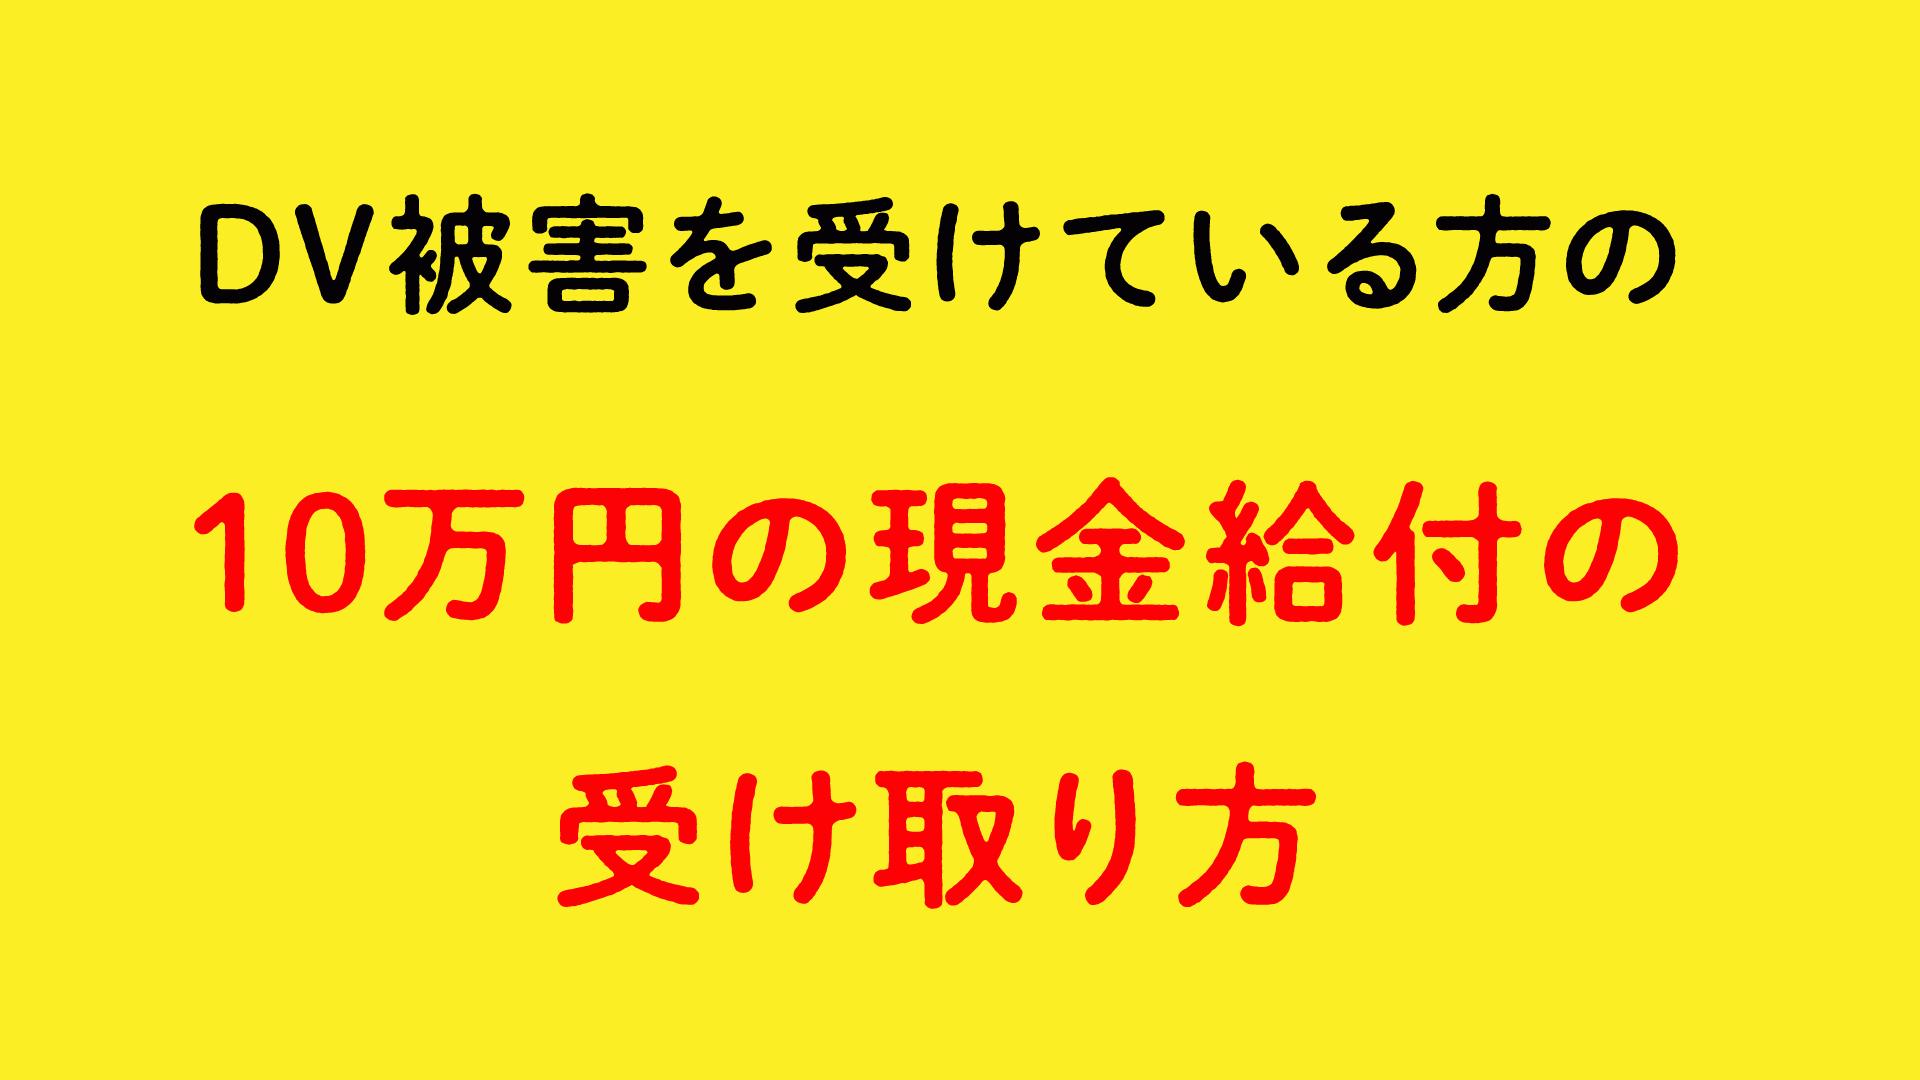 給付 円 区 10 世田谷 万